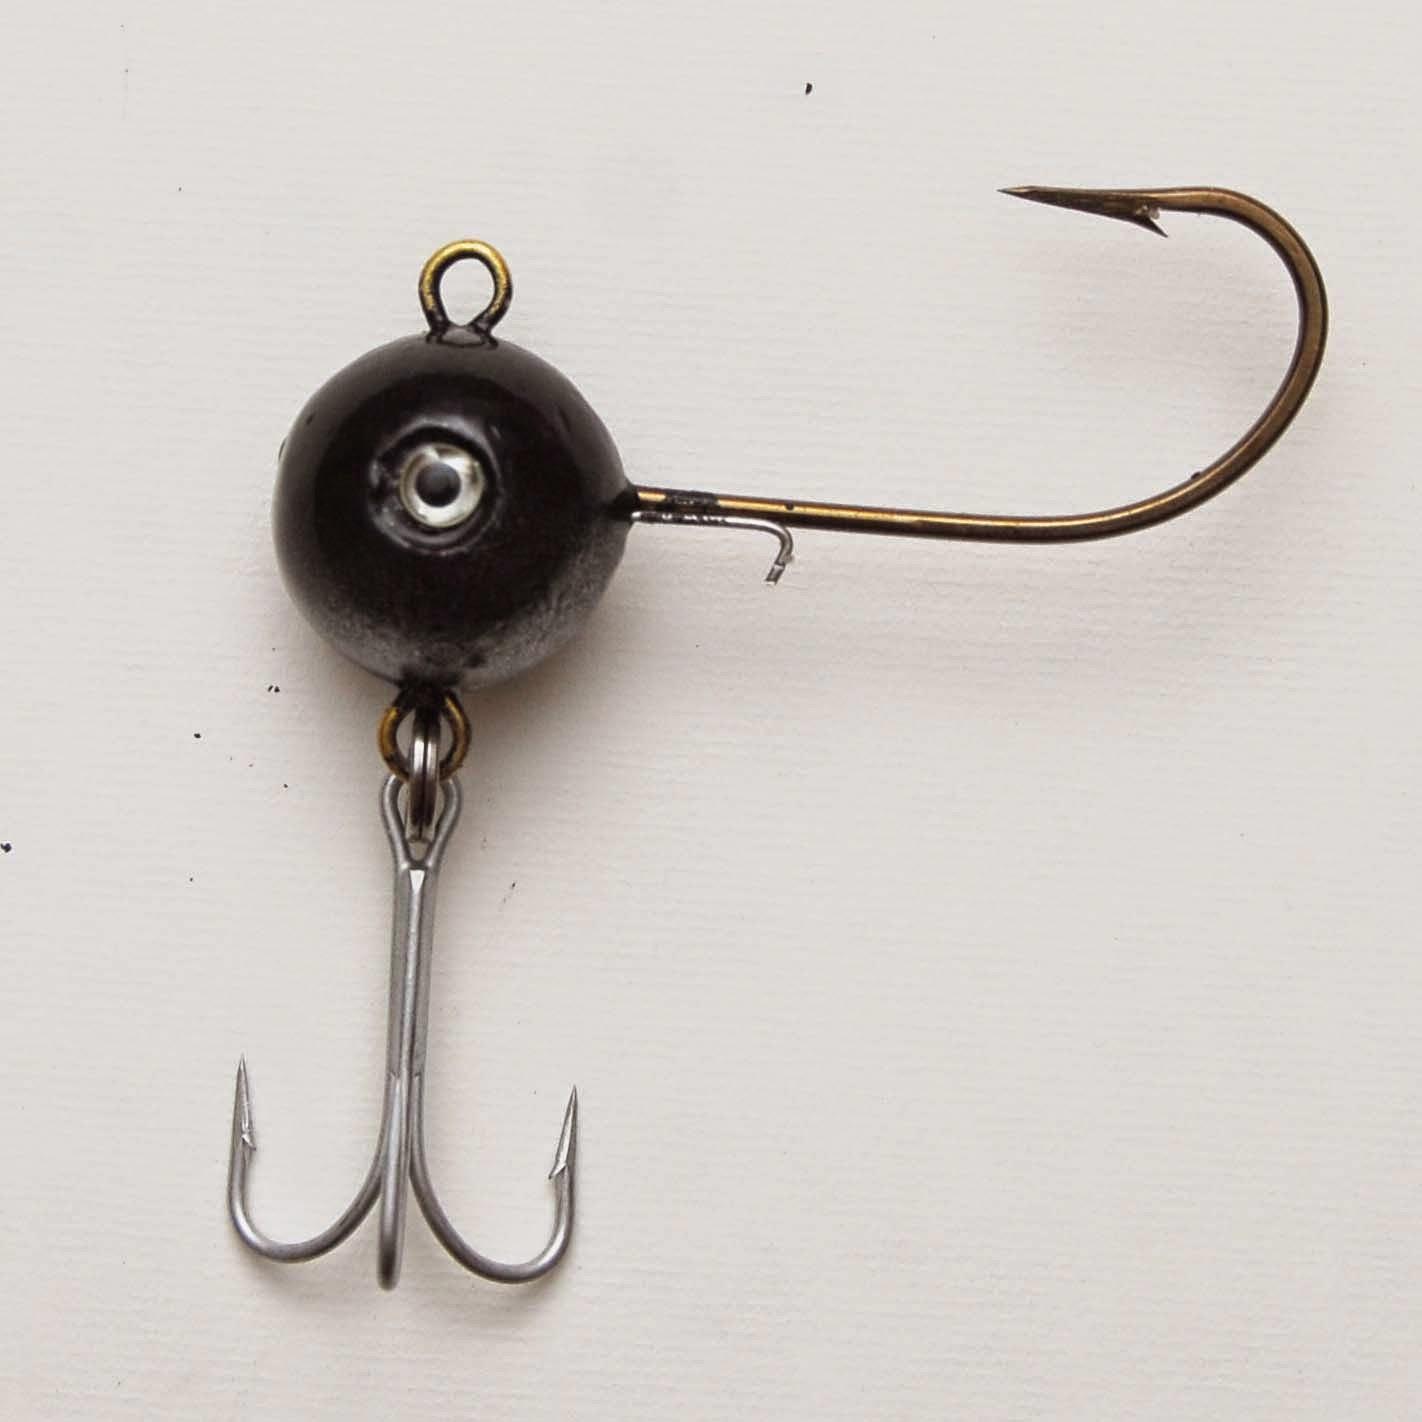 Джиговые проводки или как ловить на джиг головку?